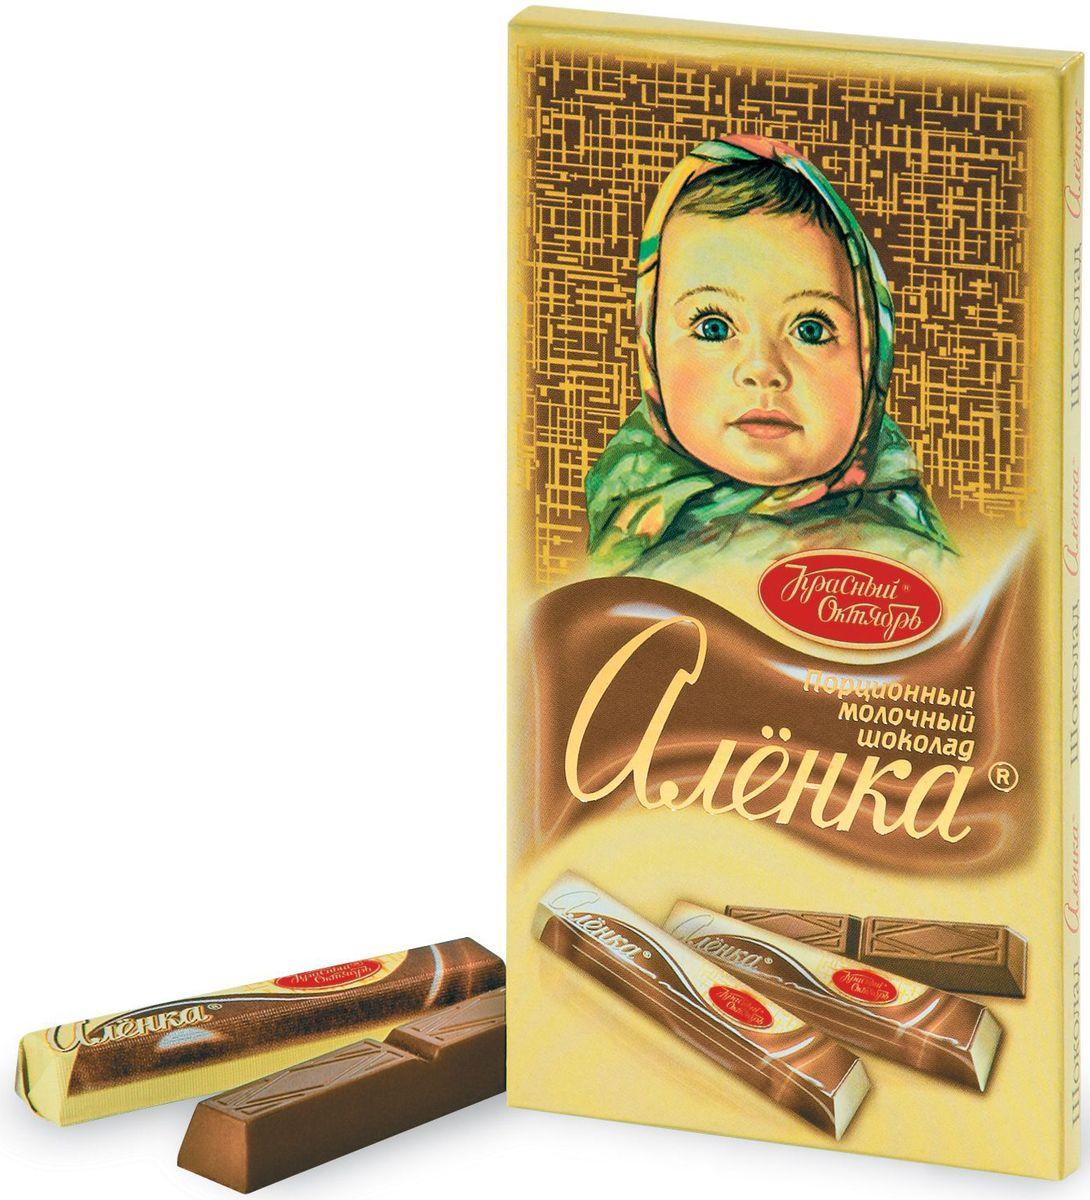 Красный Октябрь Аленка в стиках молочный шоколад, 100 гКО07825Знаменитый шоколад Алёнка выпускается кондитерской фабрикой Красный Октябрь.